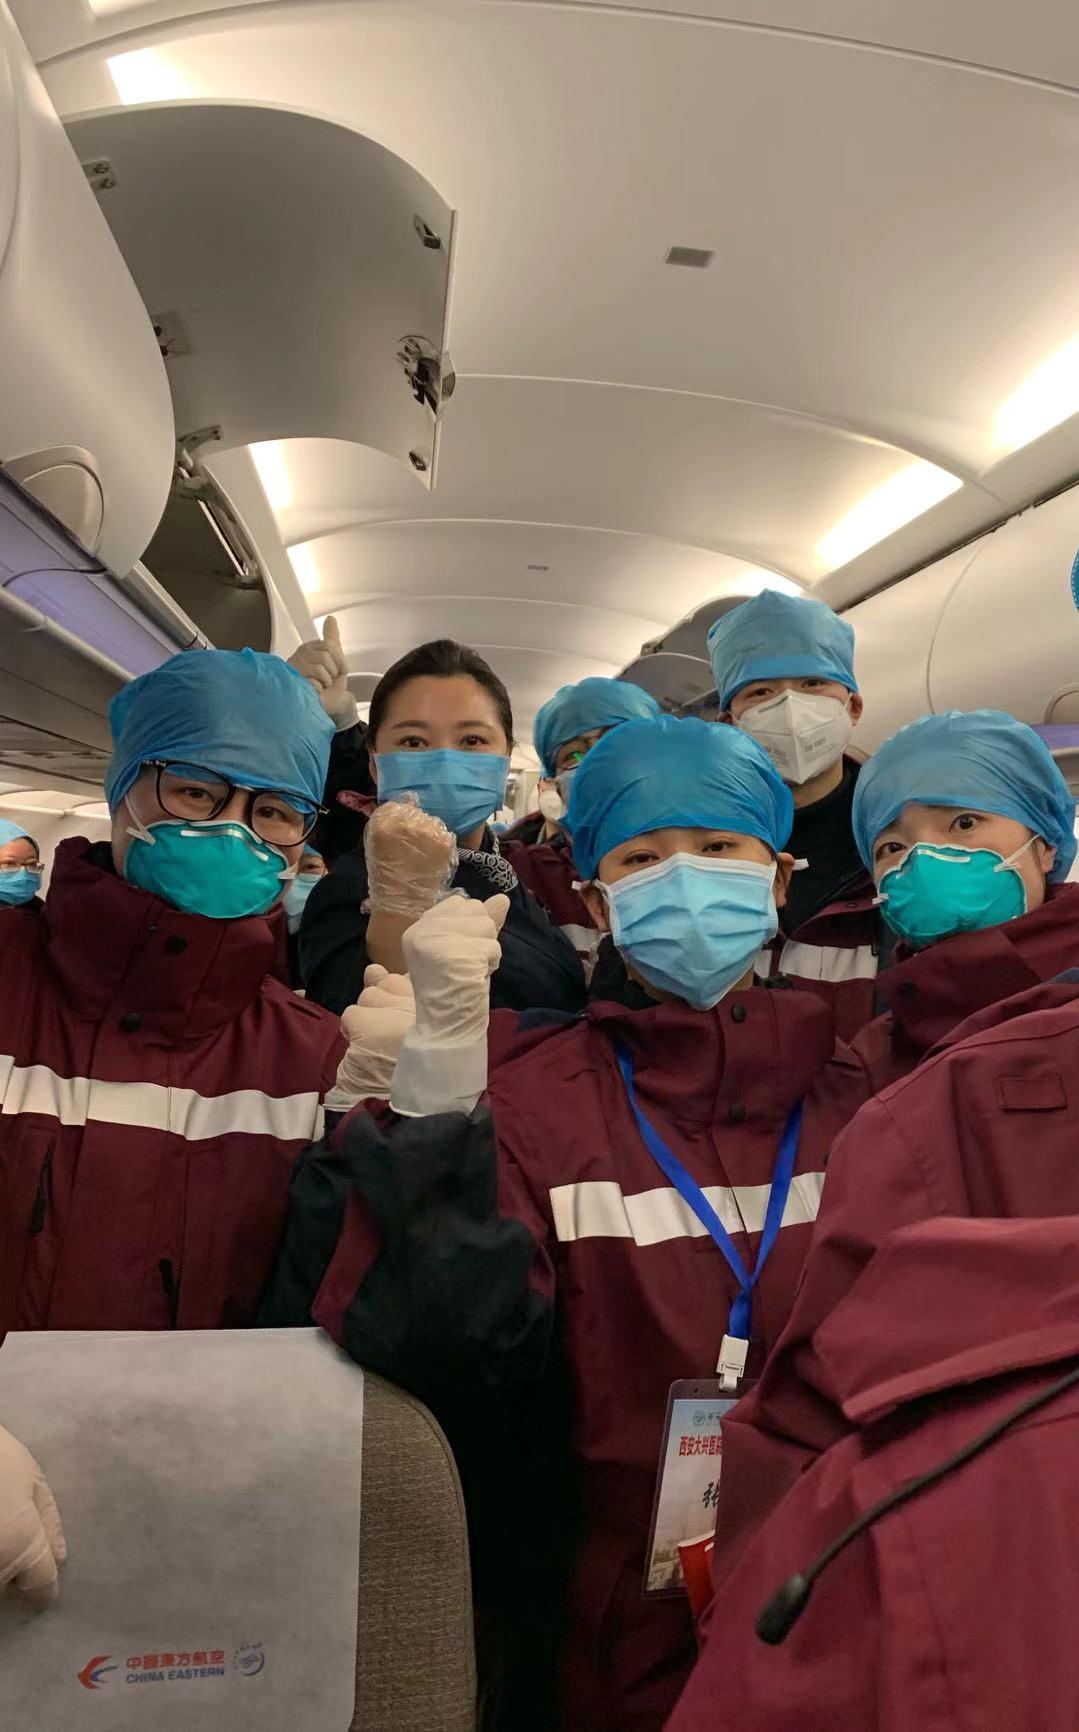 1天3架包机,东航运送357名医护人员再援武汉图片